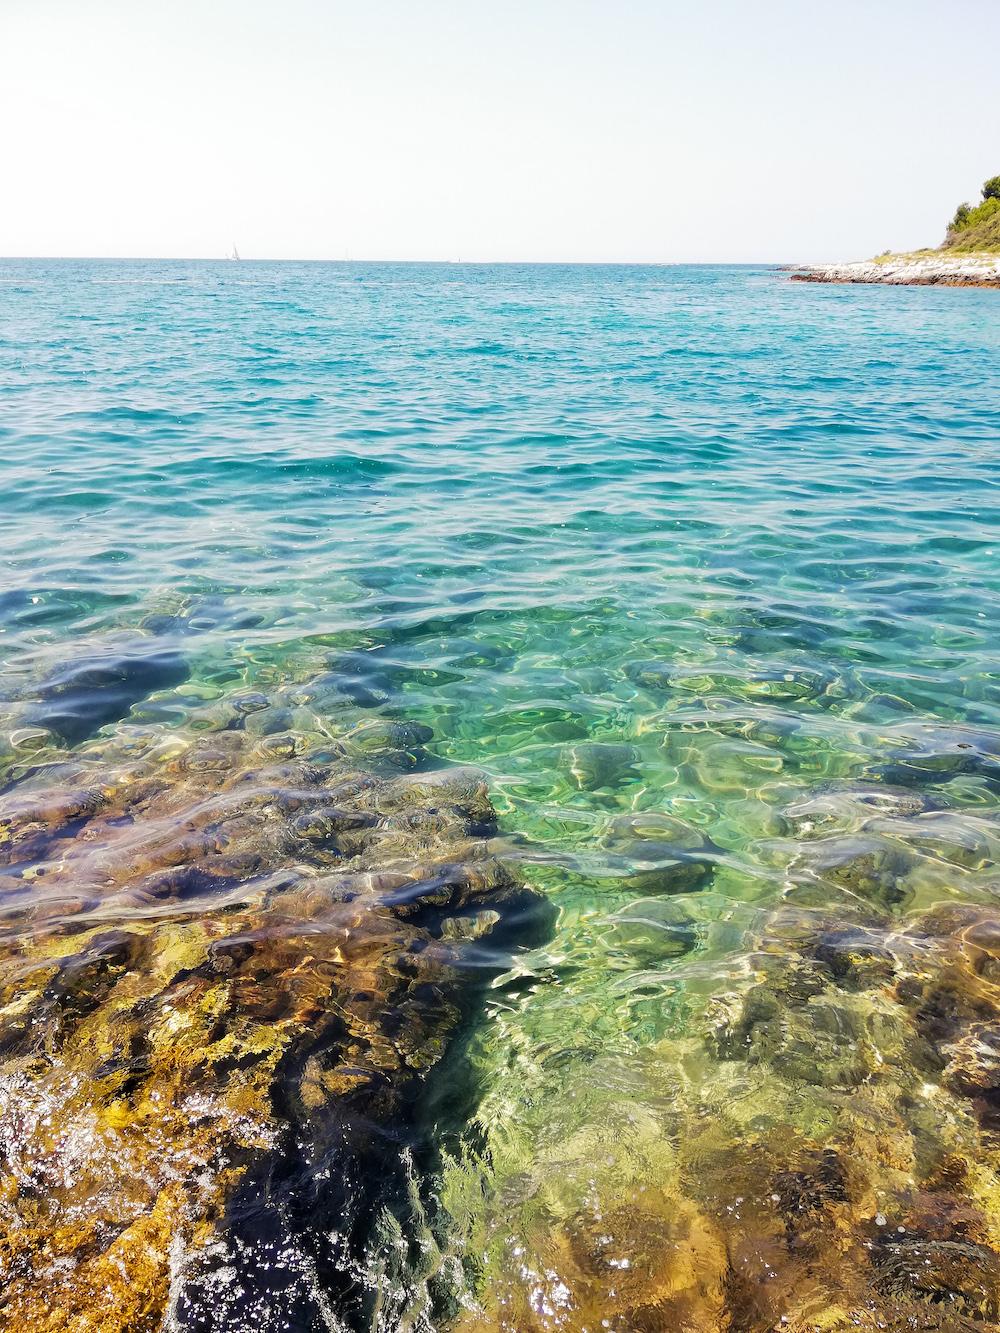 De zee bij Vrsar, Istrië